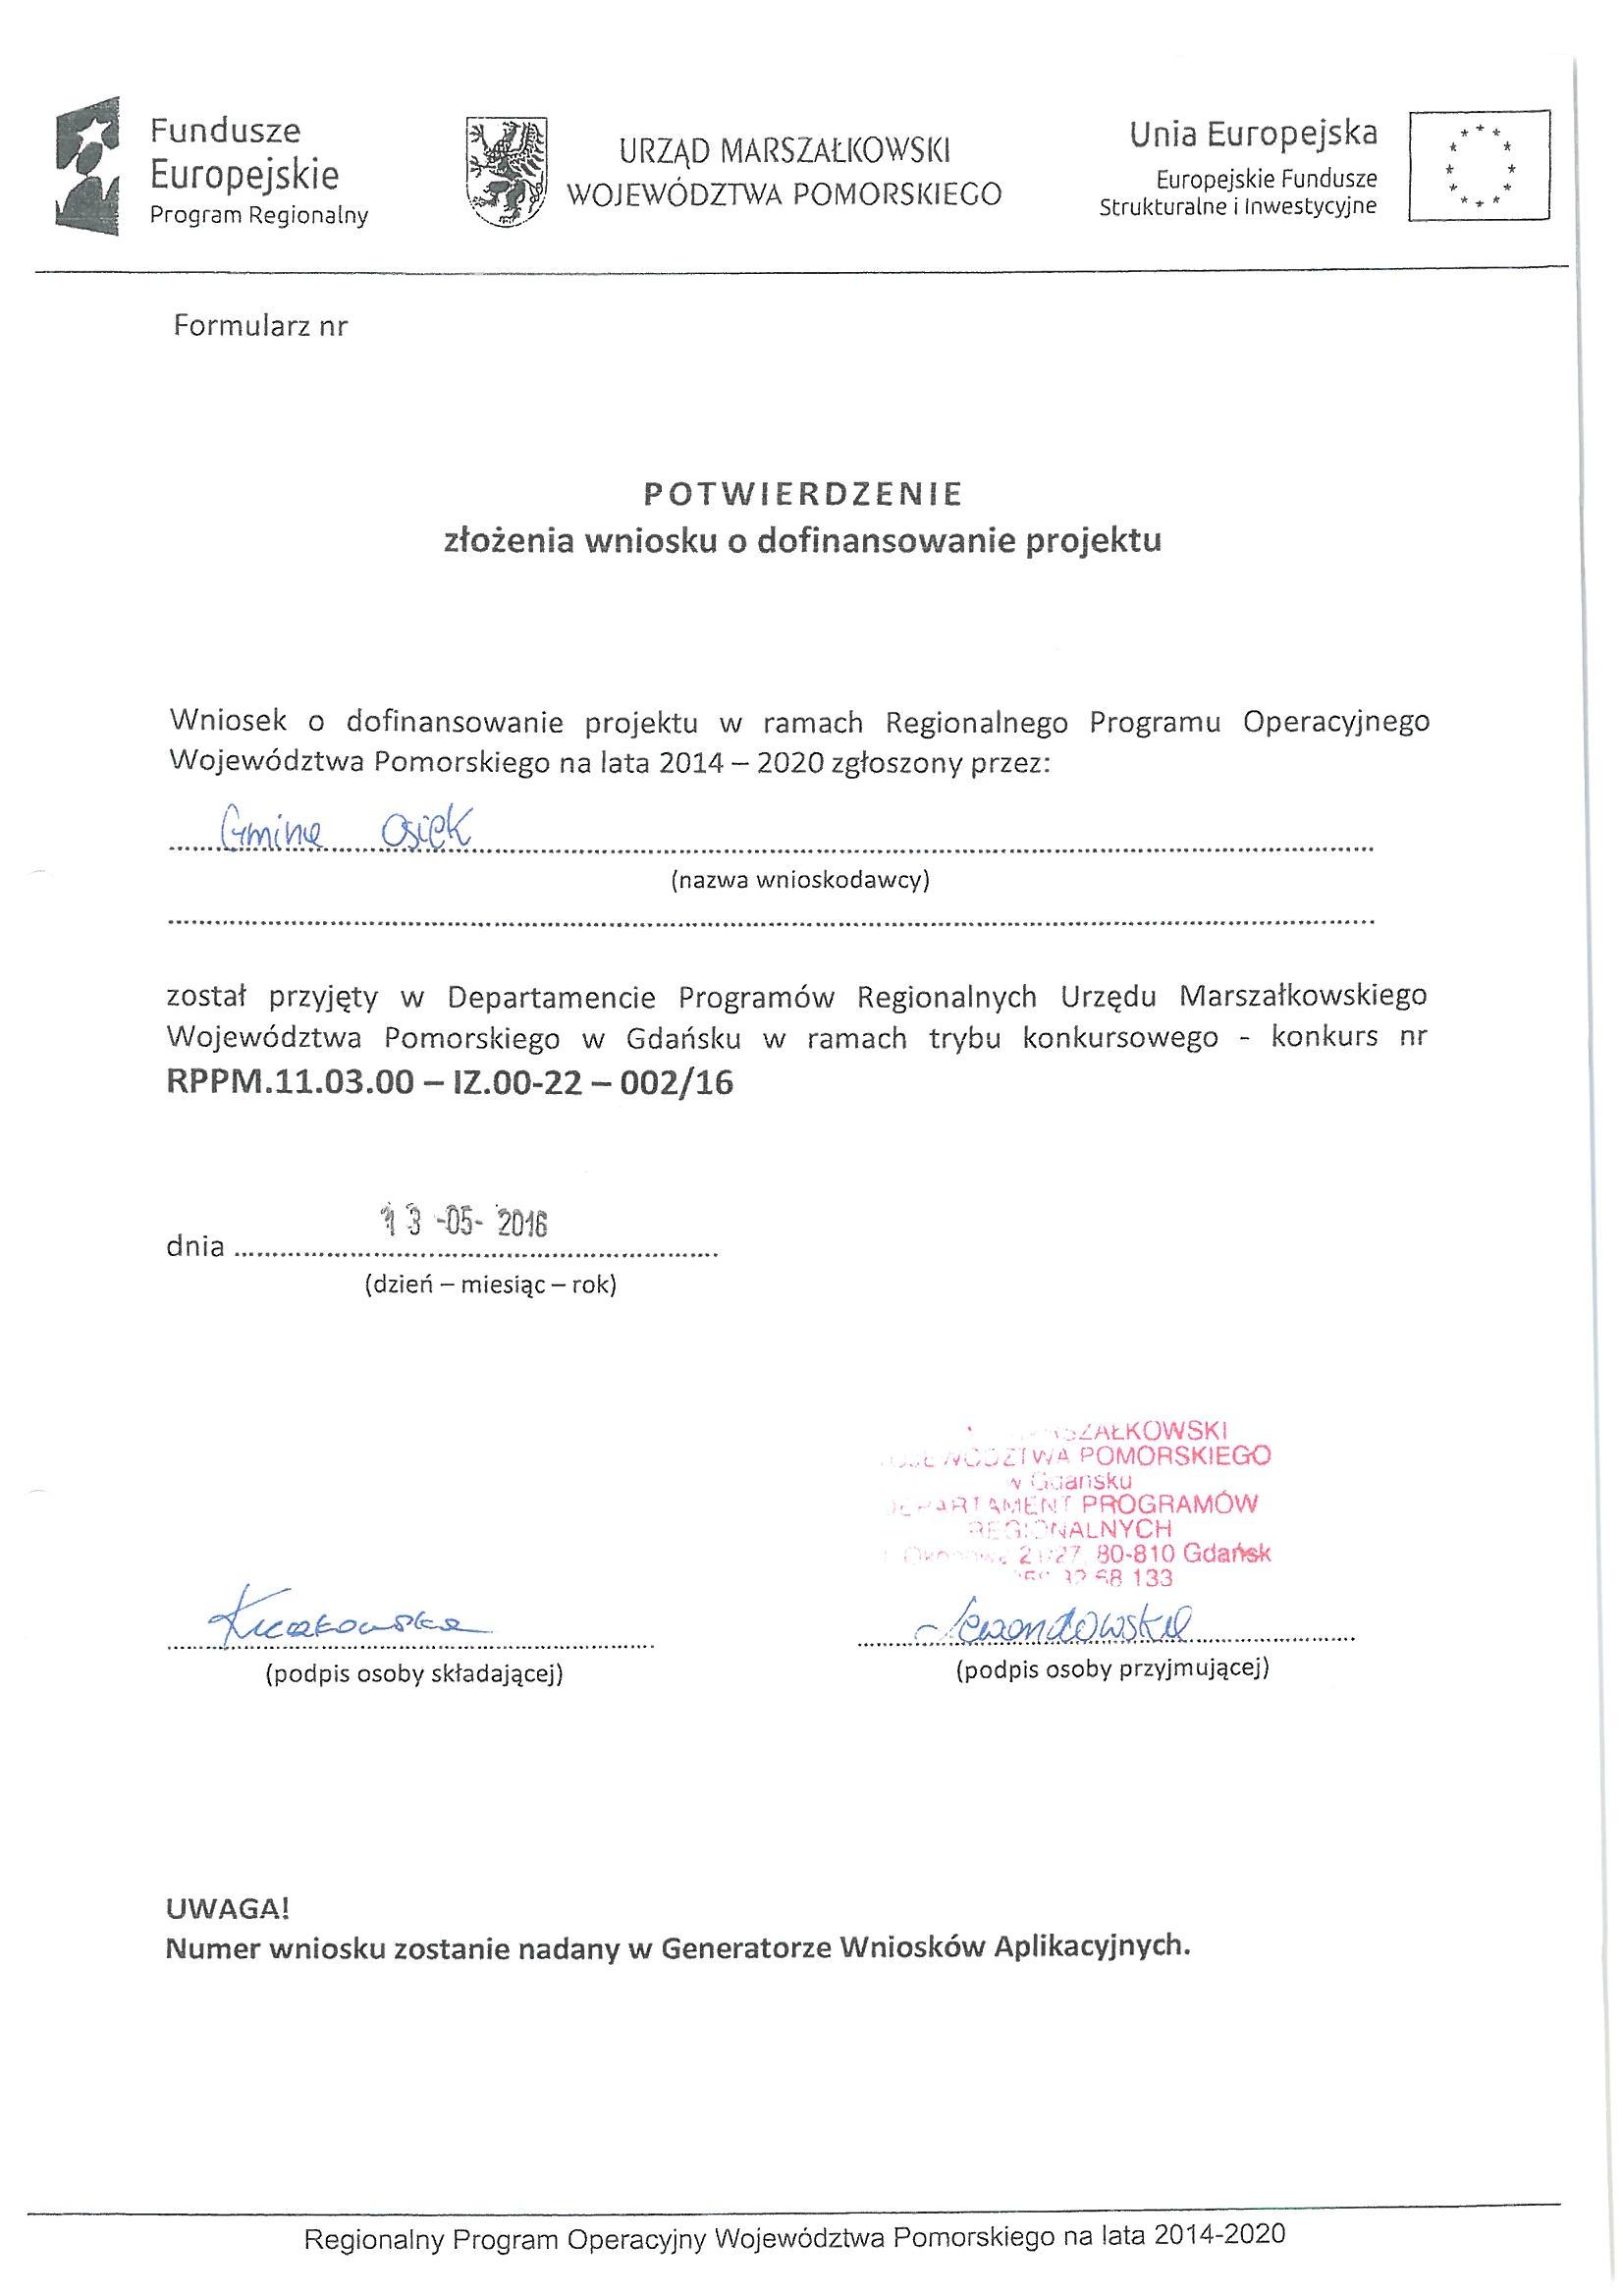 - rozbudowa_kanalizacji_2016.05.13.jpg